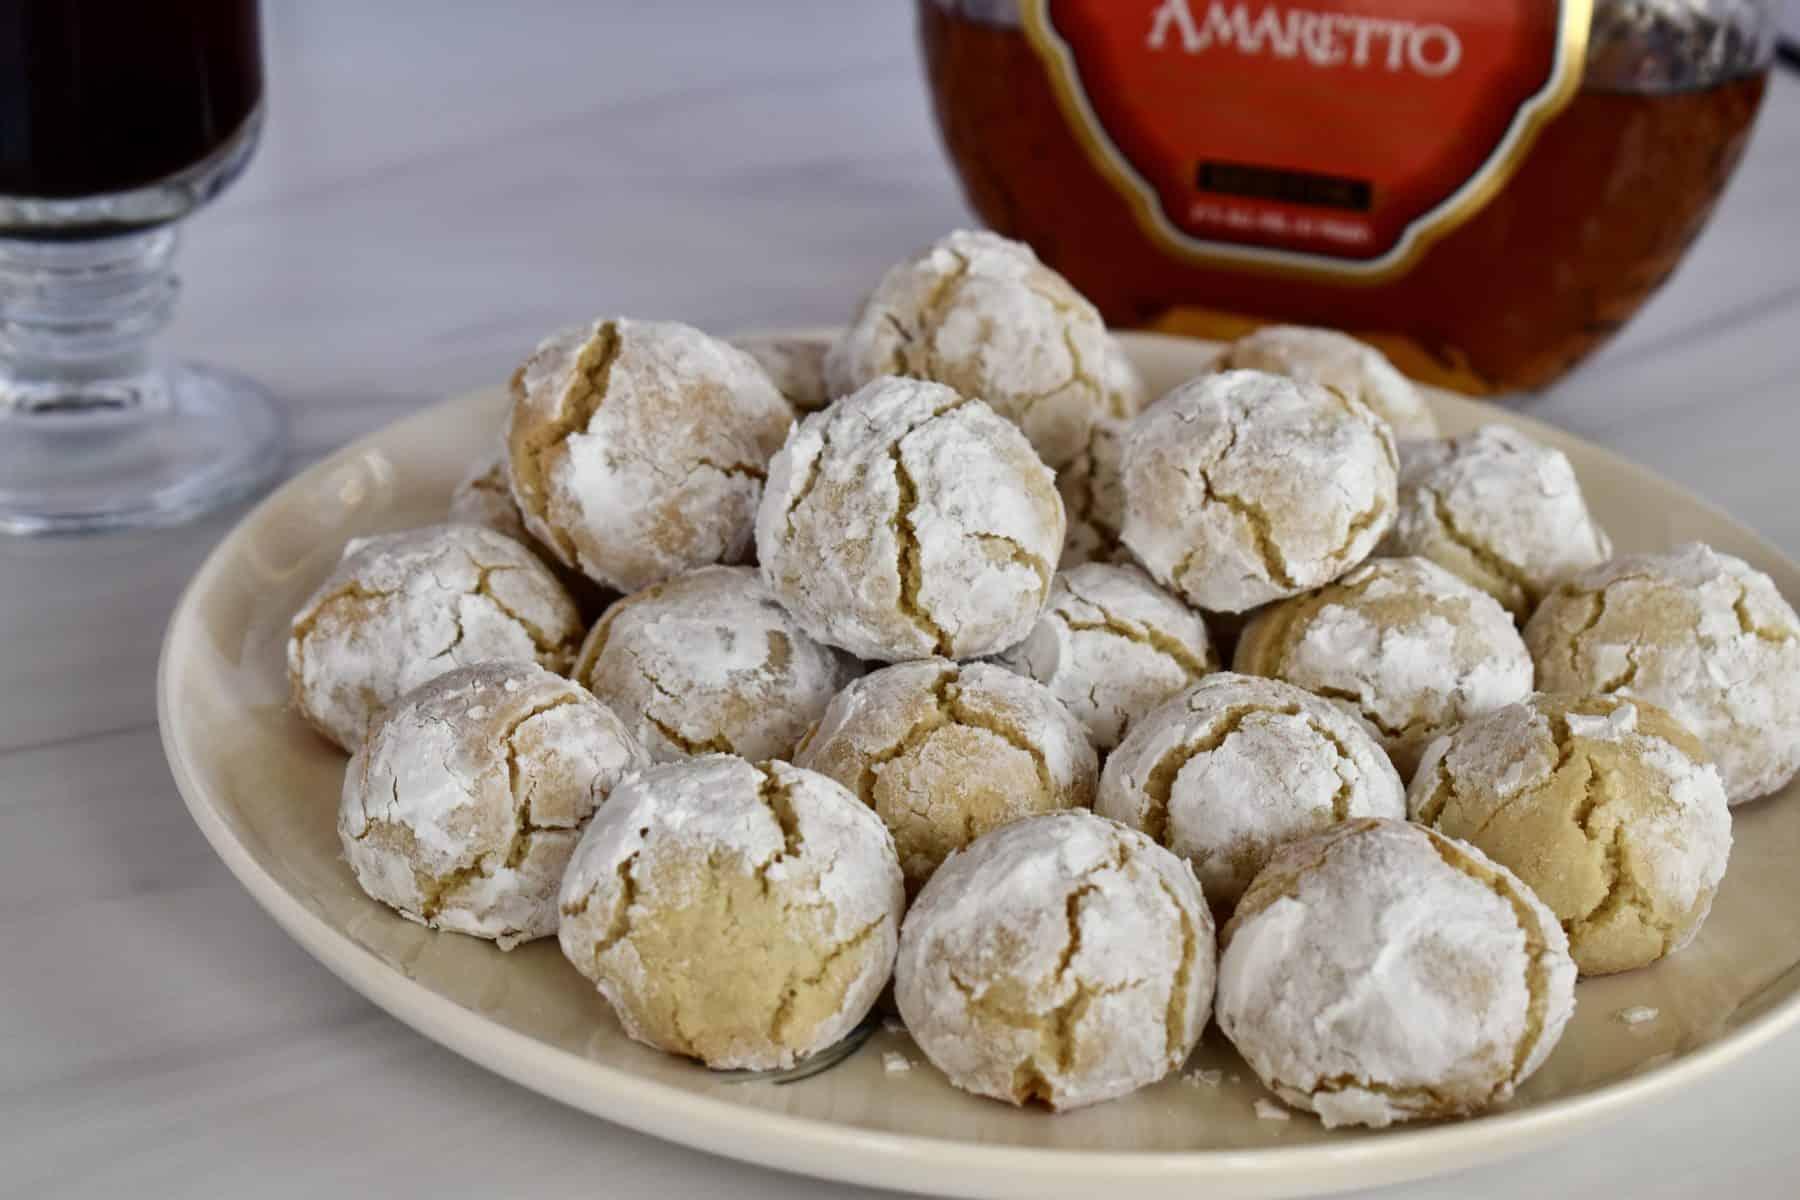 Amaretti Cookie recipe on a plate.